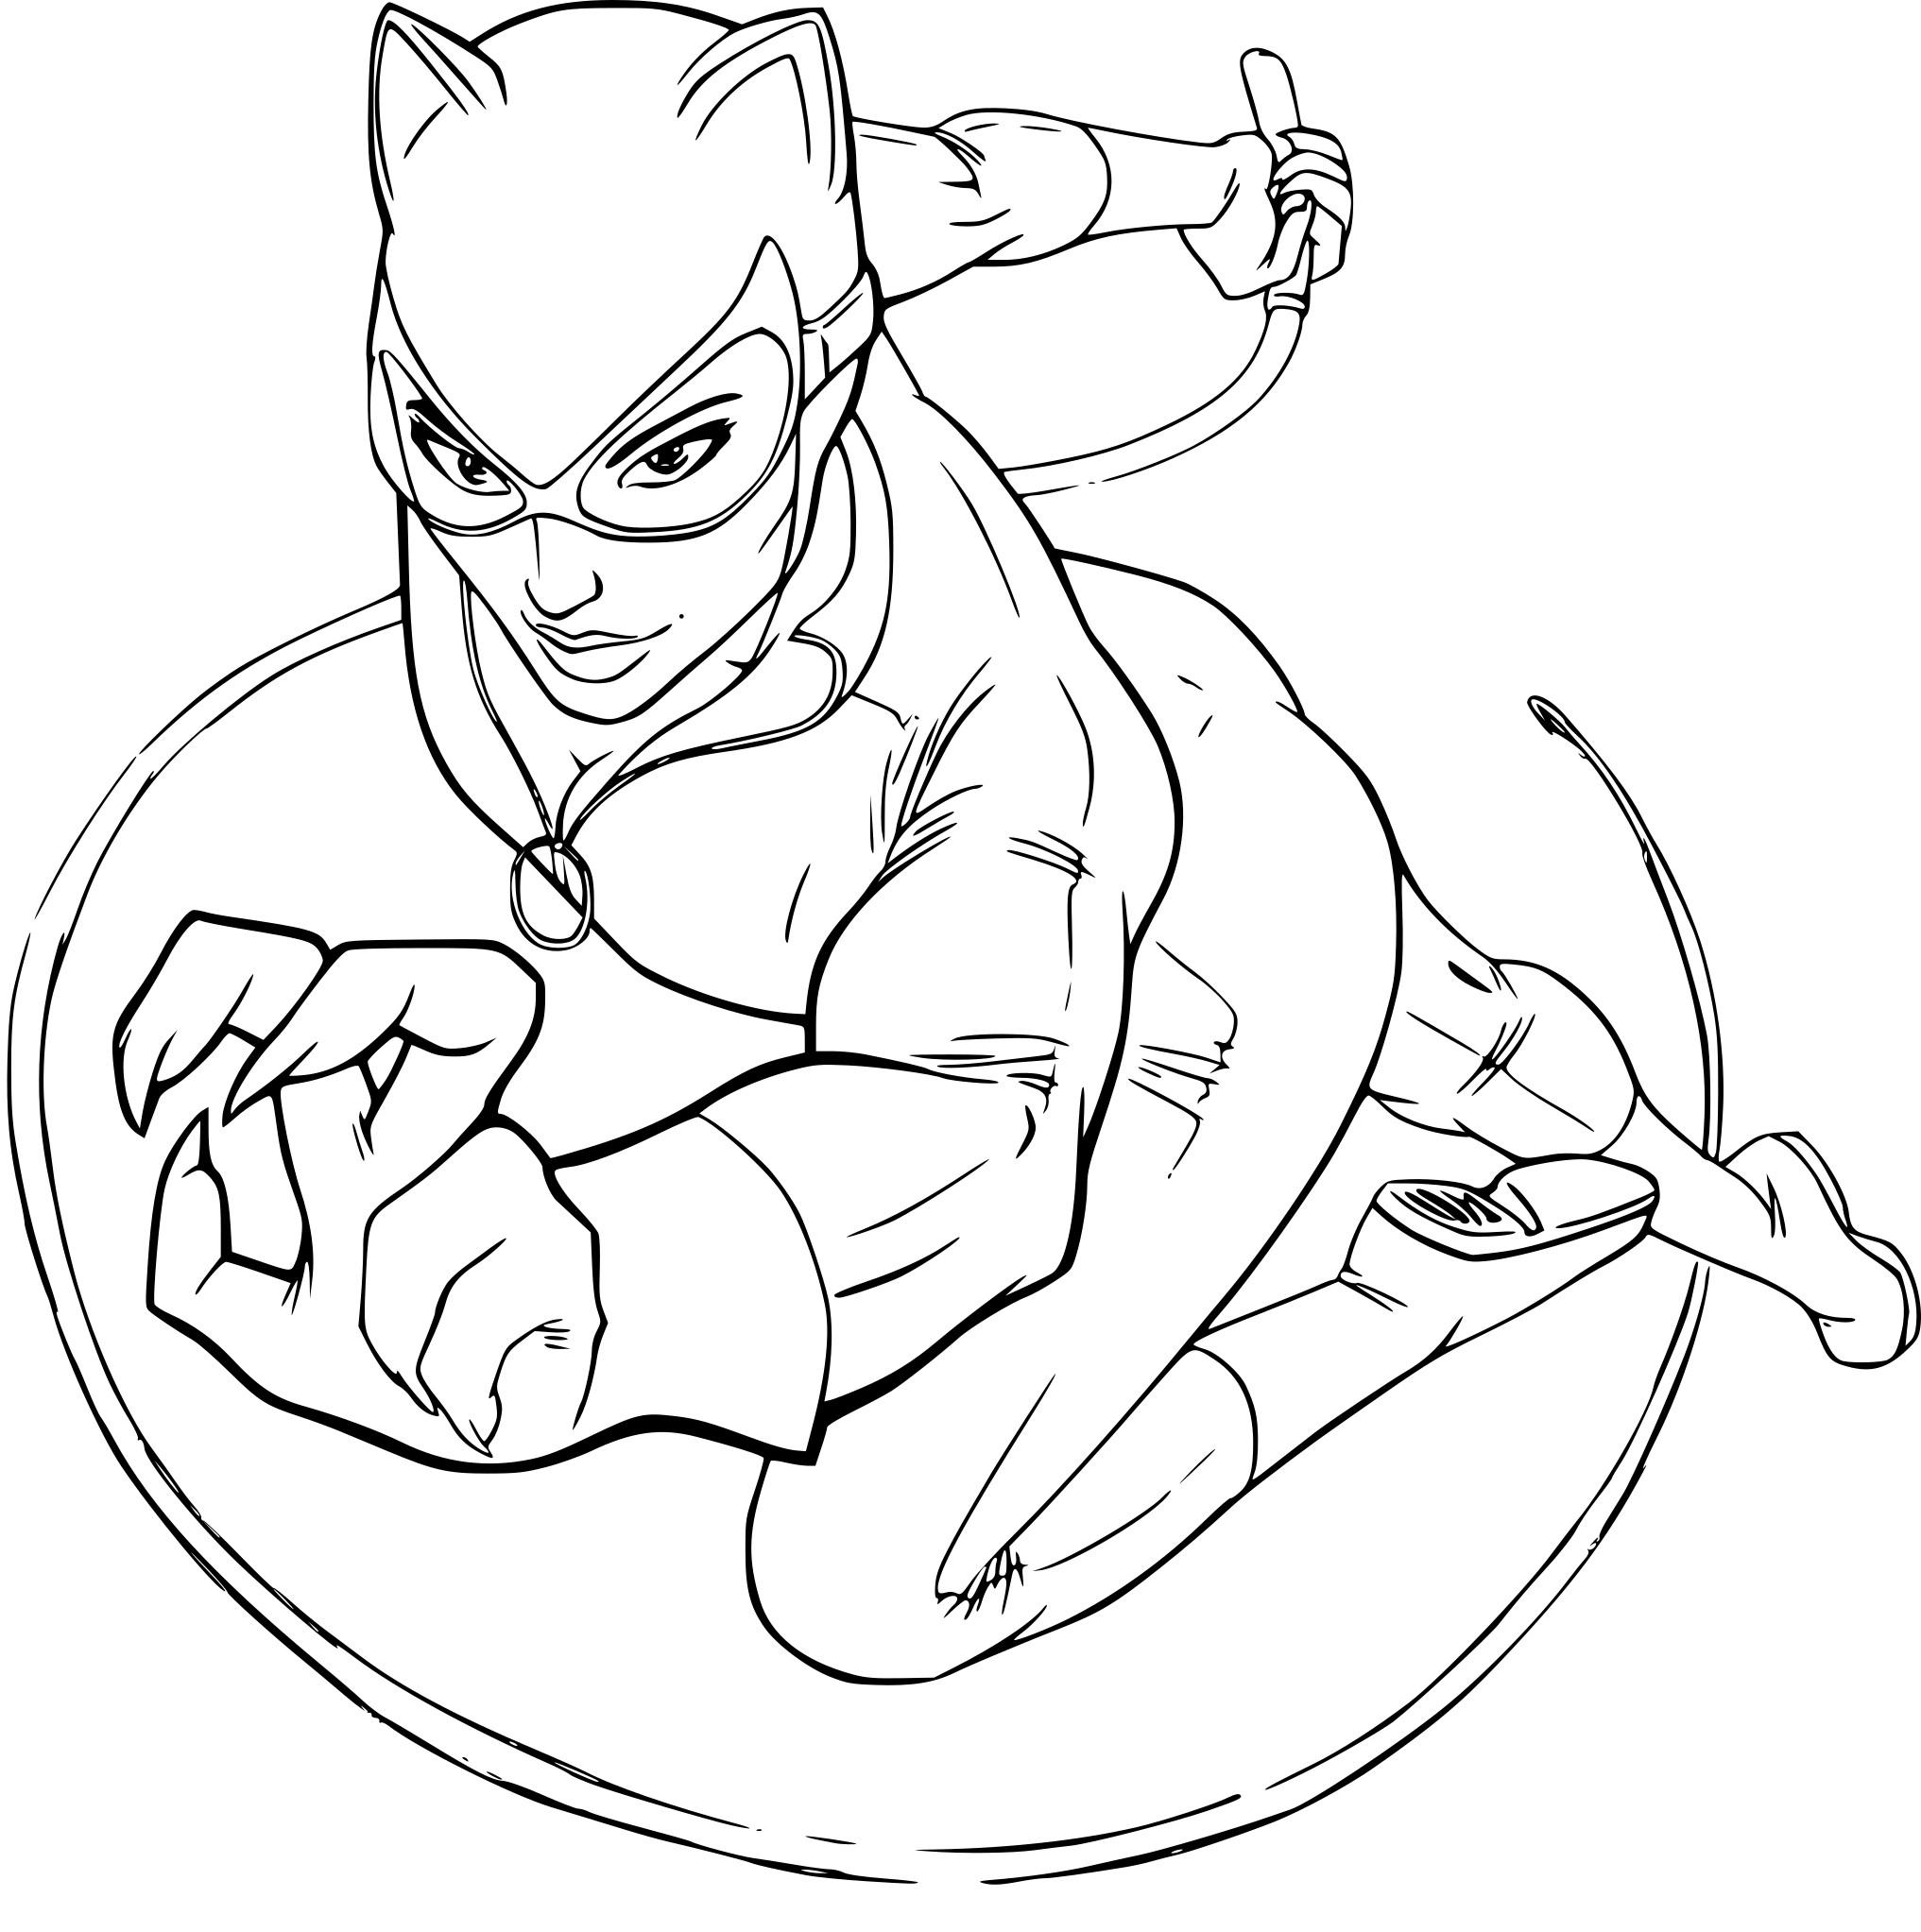 Coloriage Catwoman Dessin À Imprimer Sur Coloriages dedans Masque De Catwoman A Imprimer